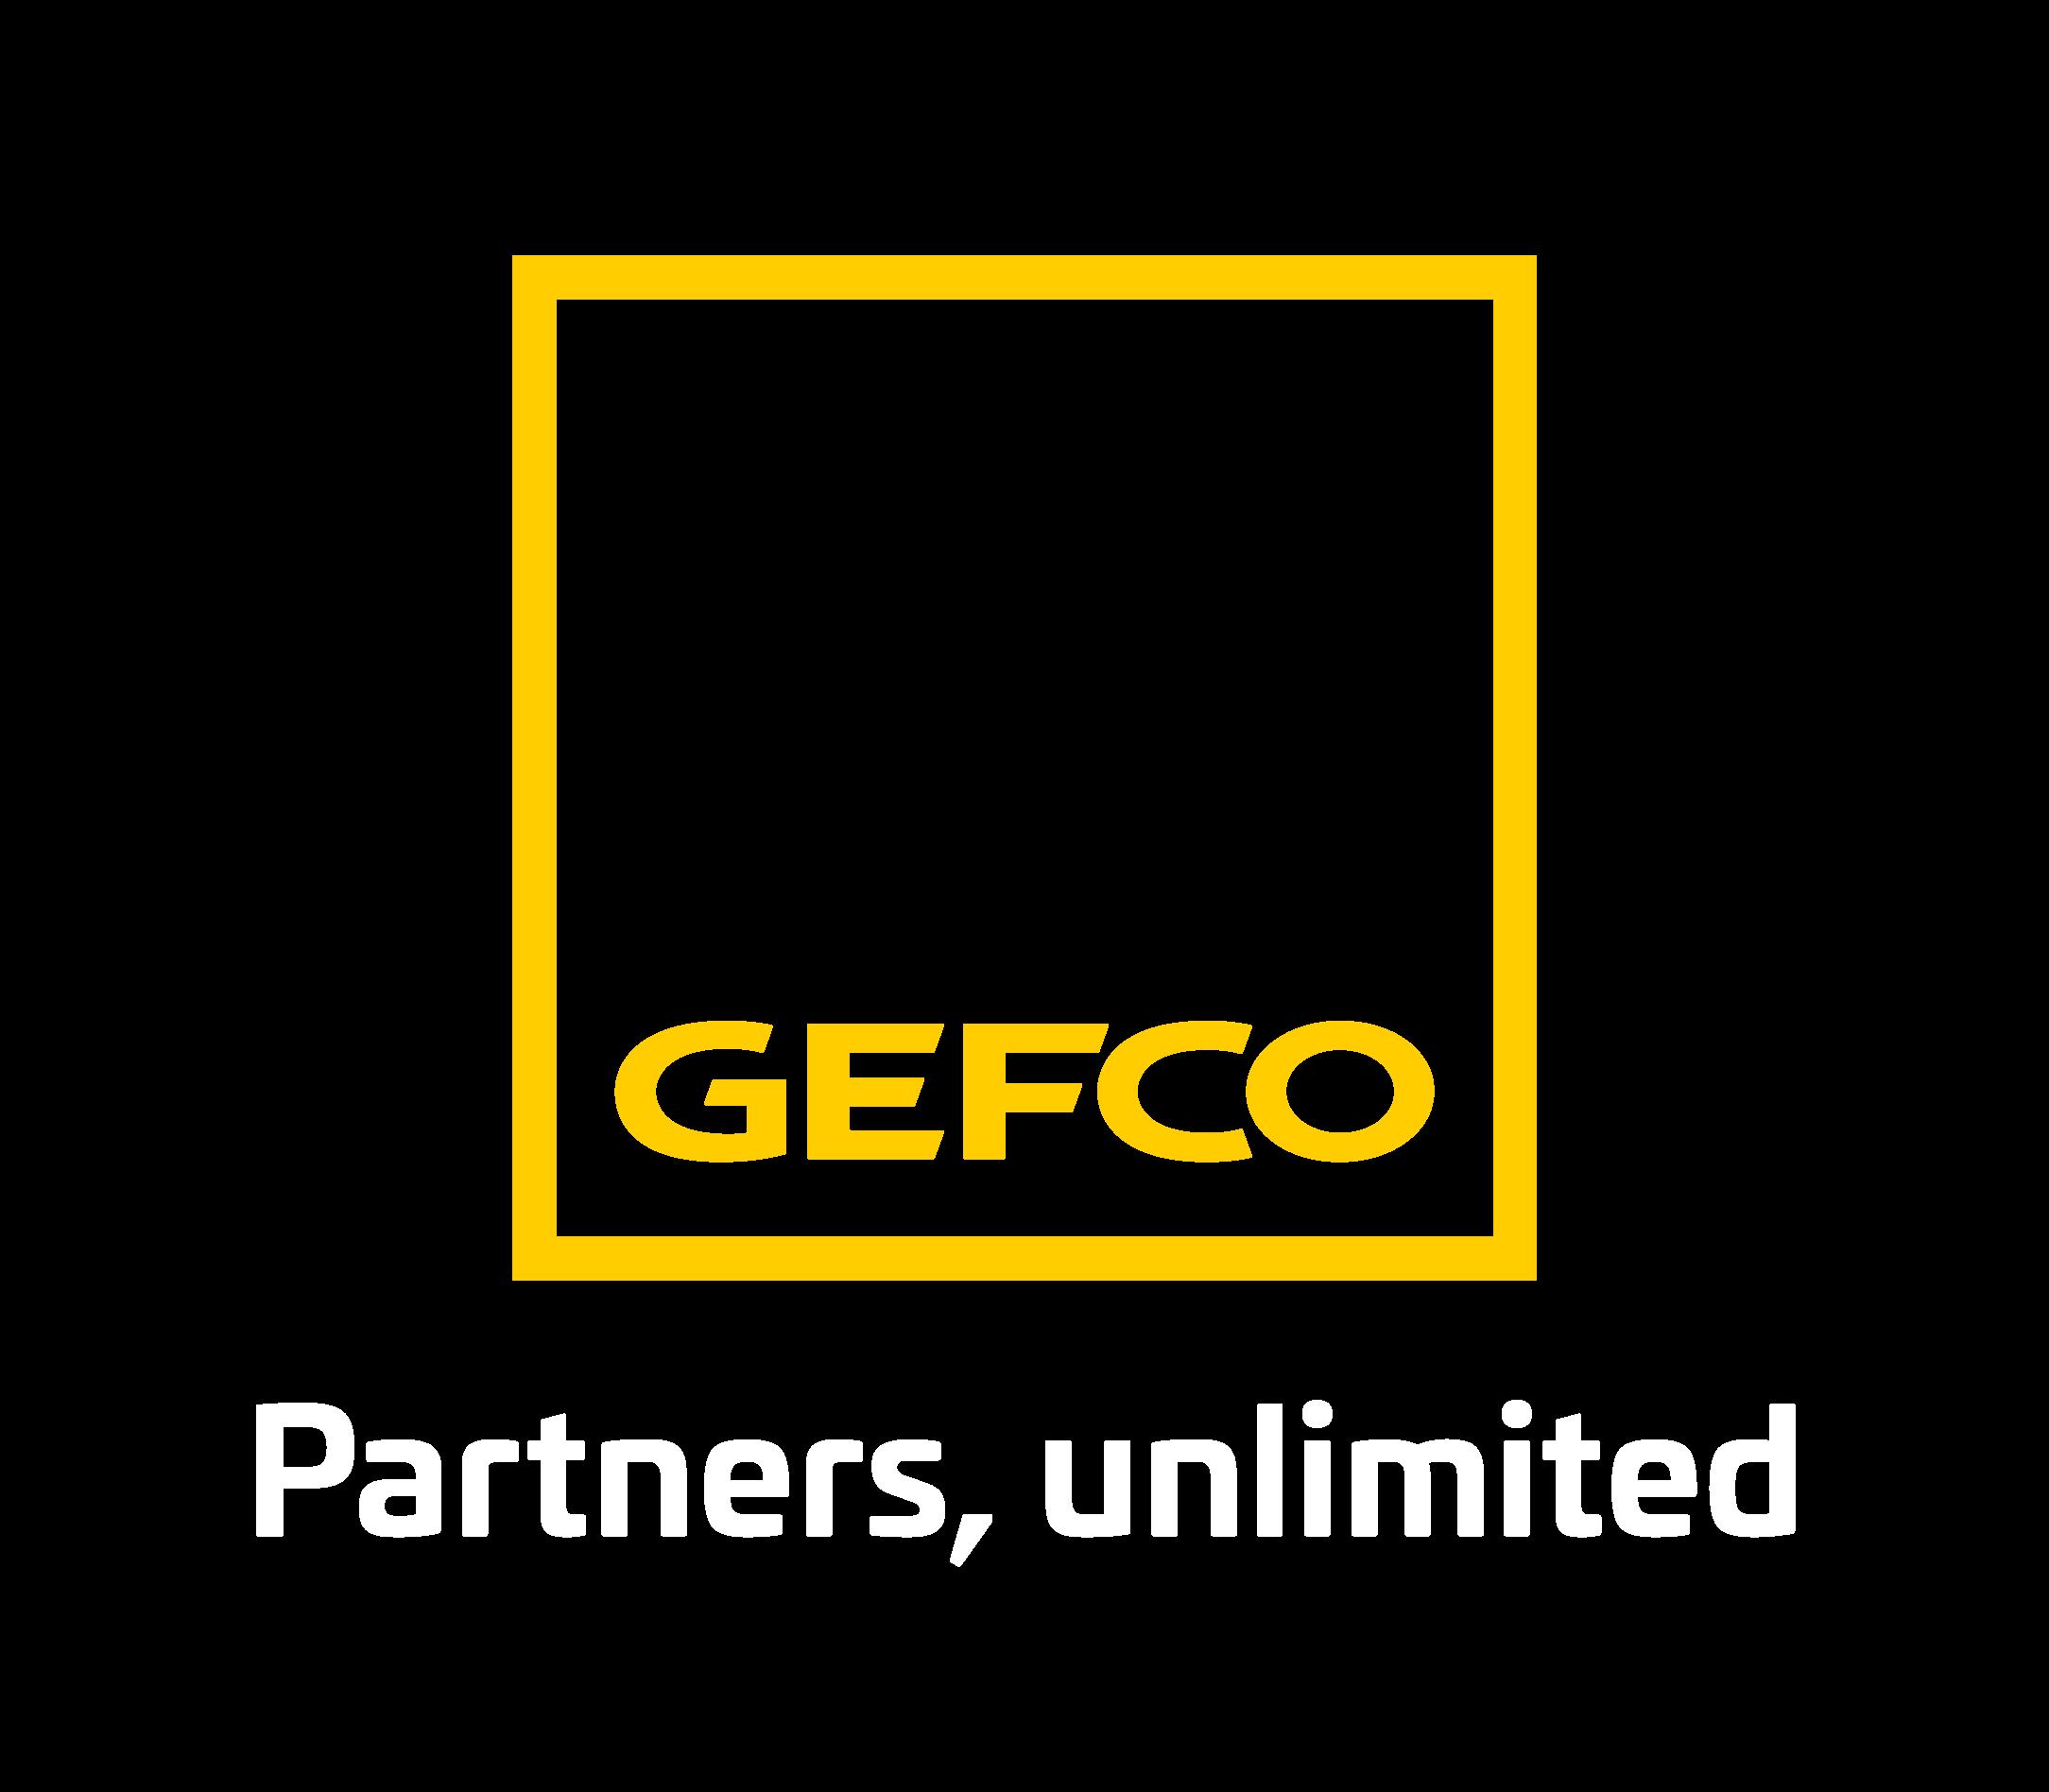 GEFCO_Logo_SignVertiBlanc_RVB